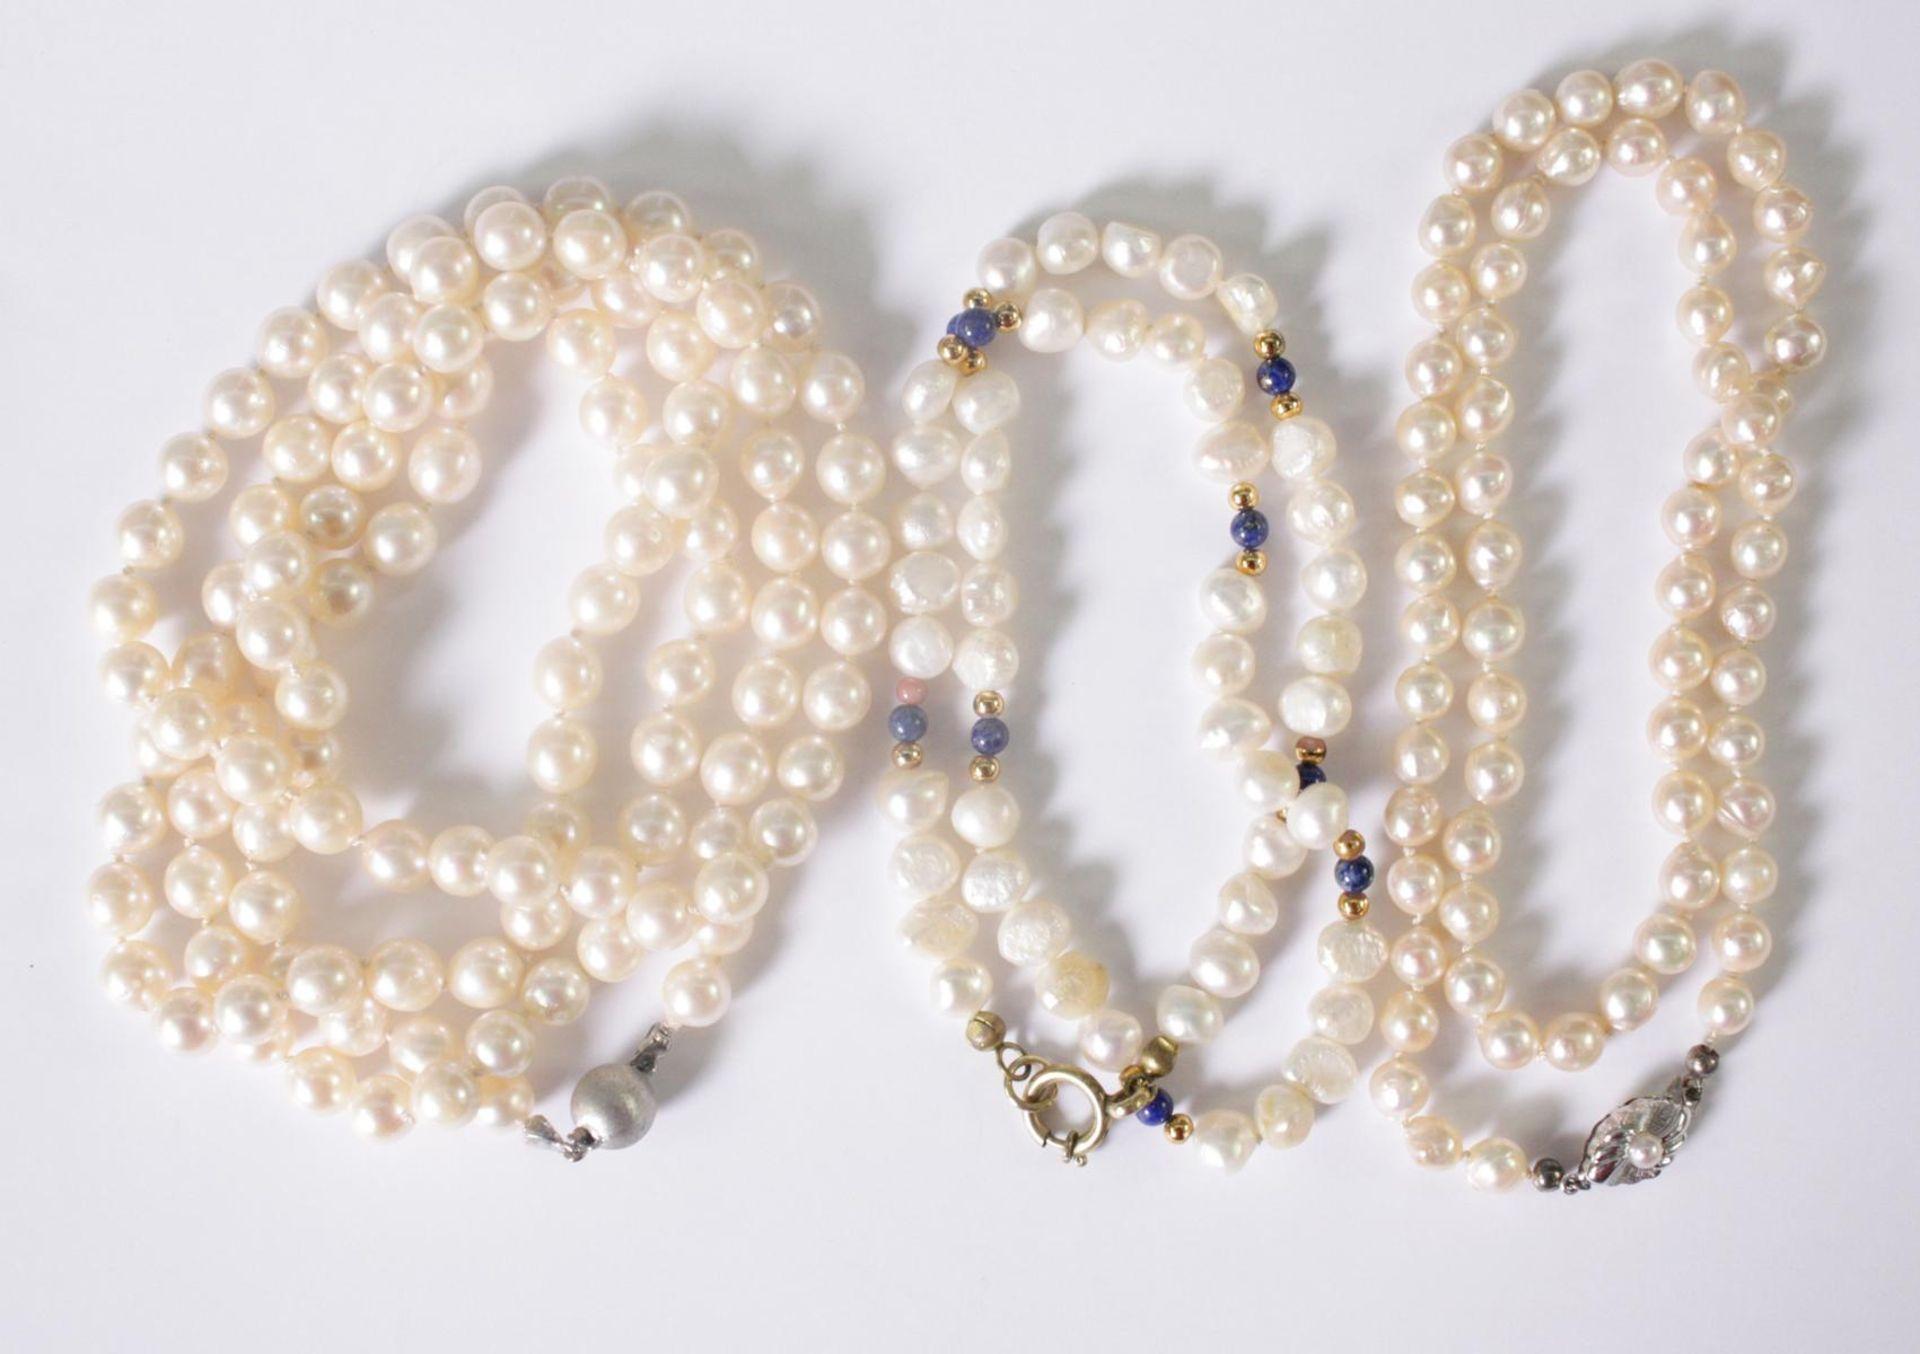 3 Perlenketten - Bild 2 aus 2